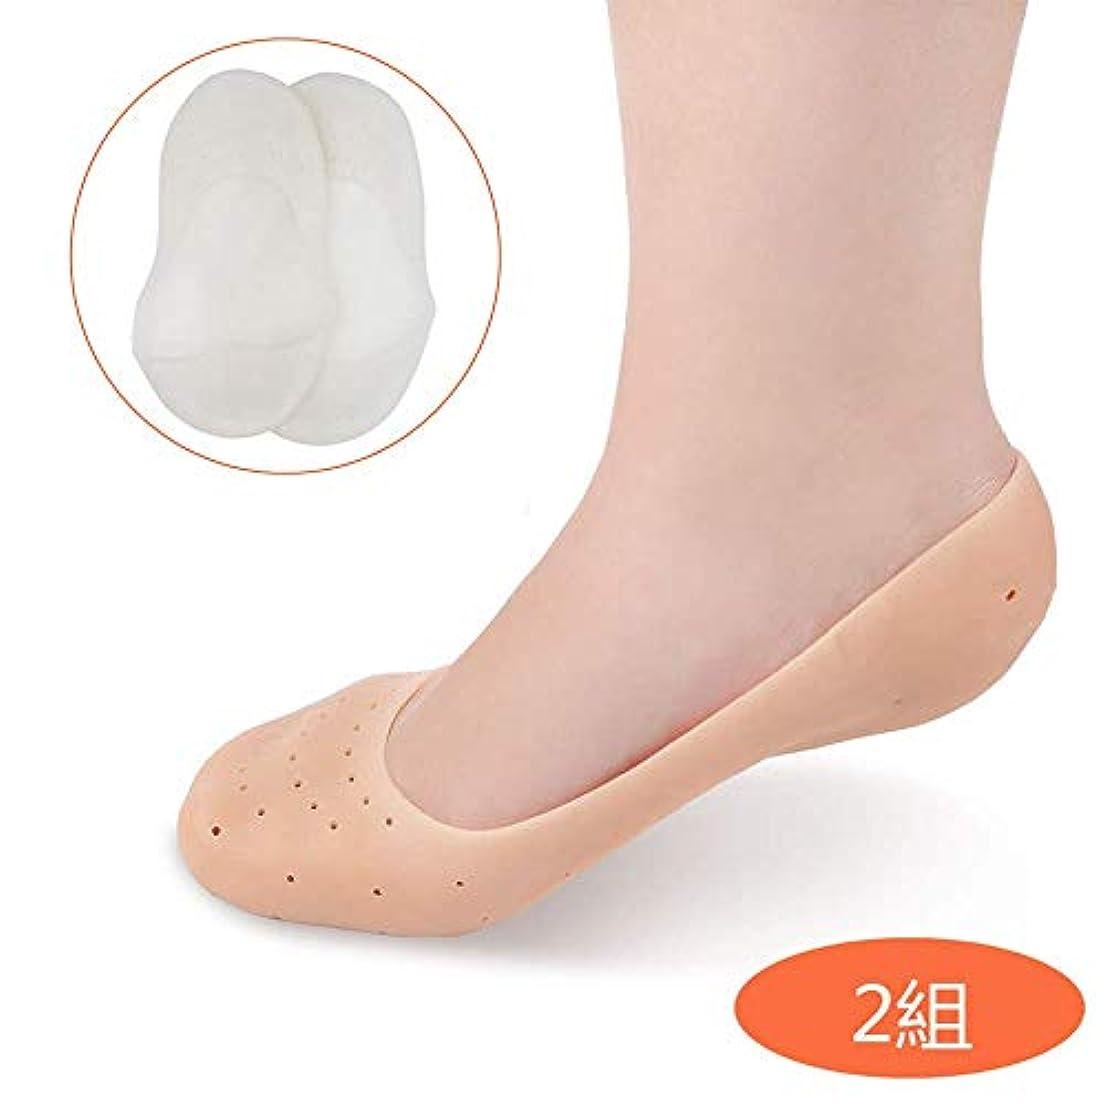 シリコンソックス 靴下 かかとケア ヒールクラック防止 足ケア 保湿 角質ケア 皮膚保護 痛みの緩和 快適 通気性 男女兼用 (2組)